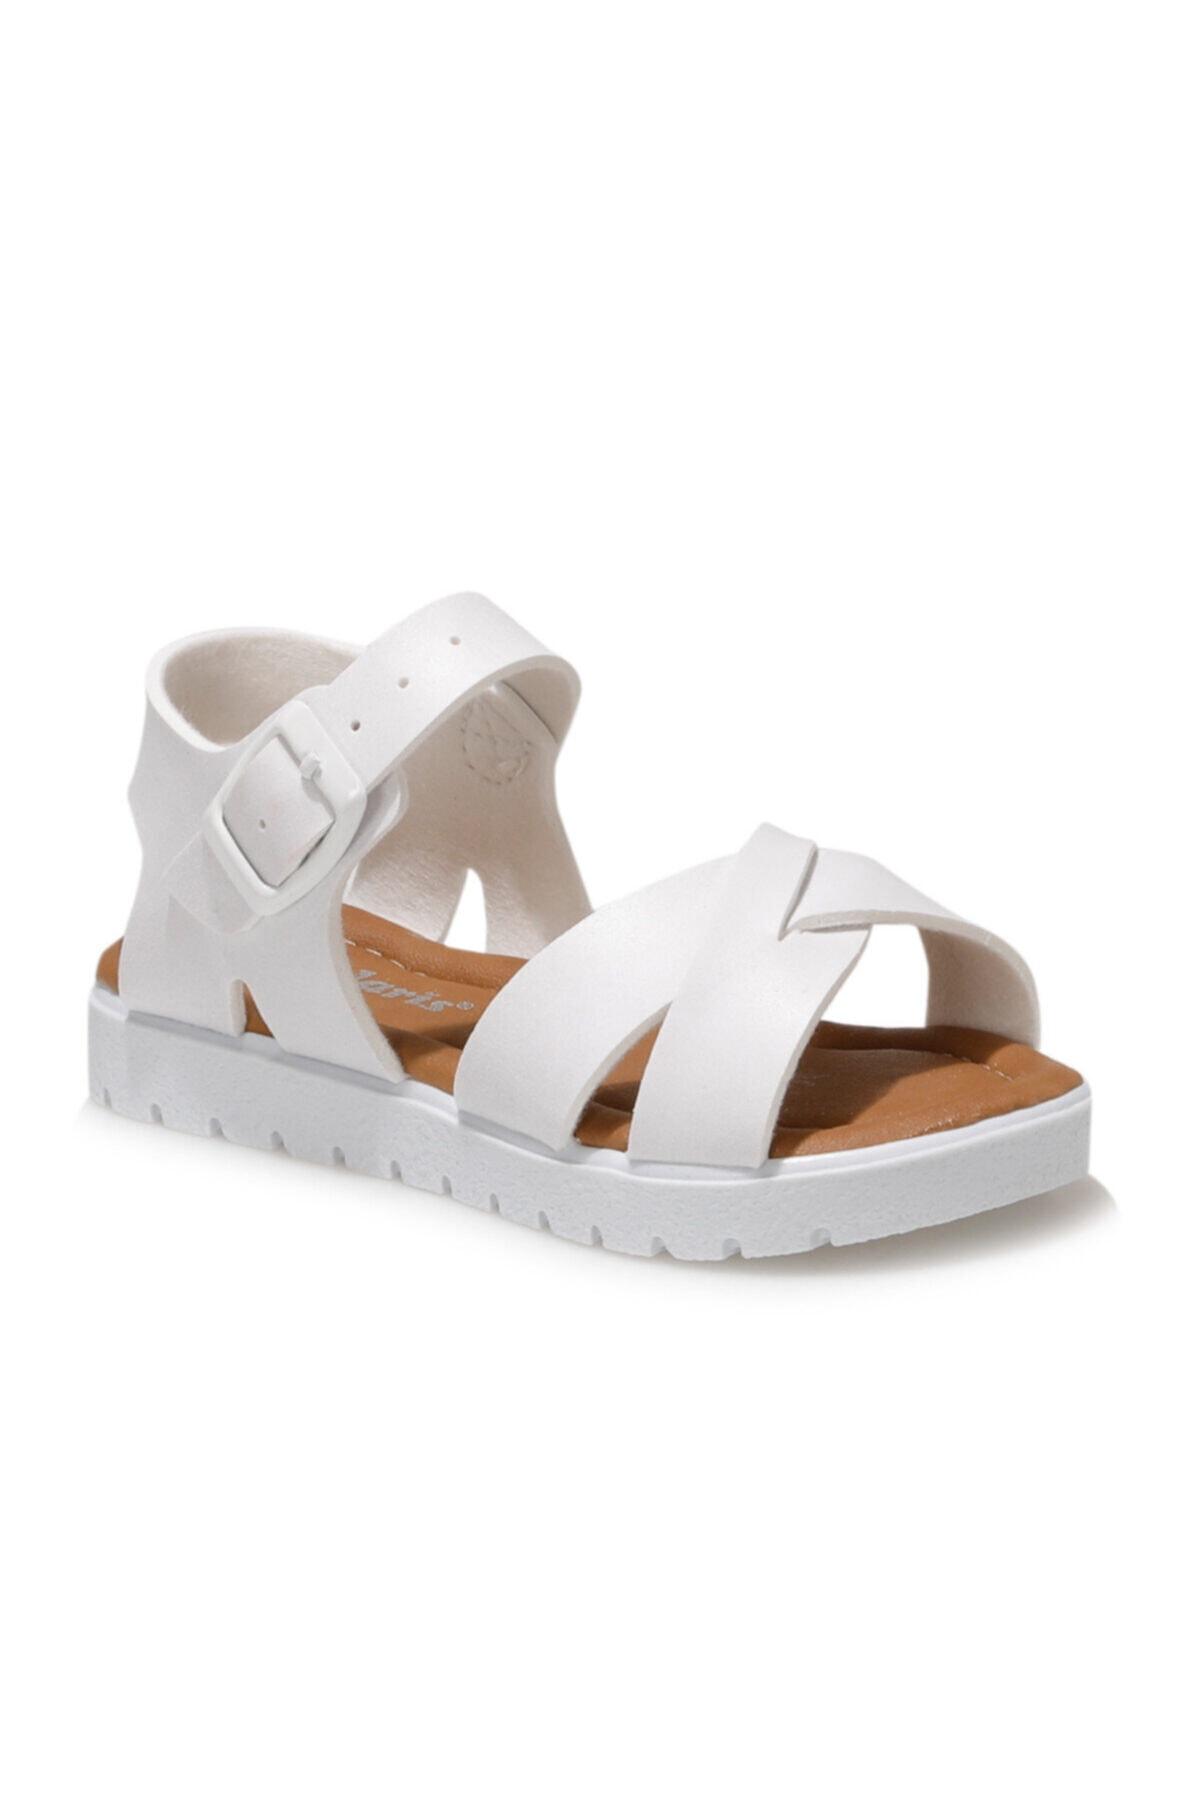 508159.B1FX Beyaz Kız Çocuk Sandalet 101010664